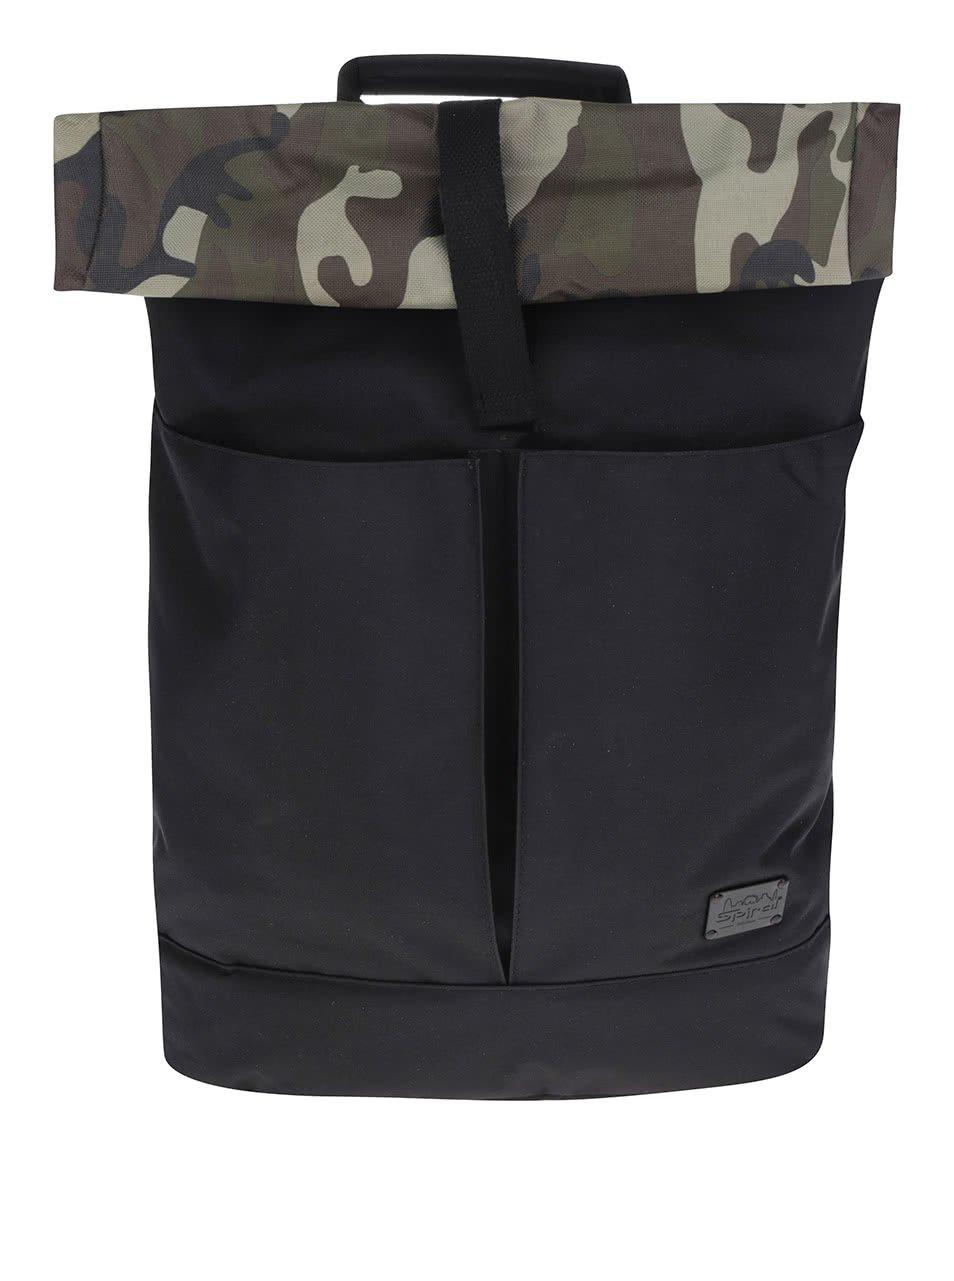 Černý vzorovaný unisex batoh s klopou Spiral Camo Jungle 15 l